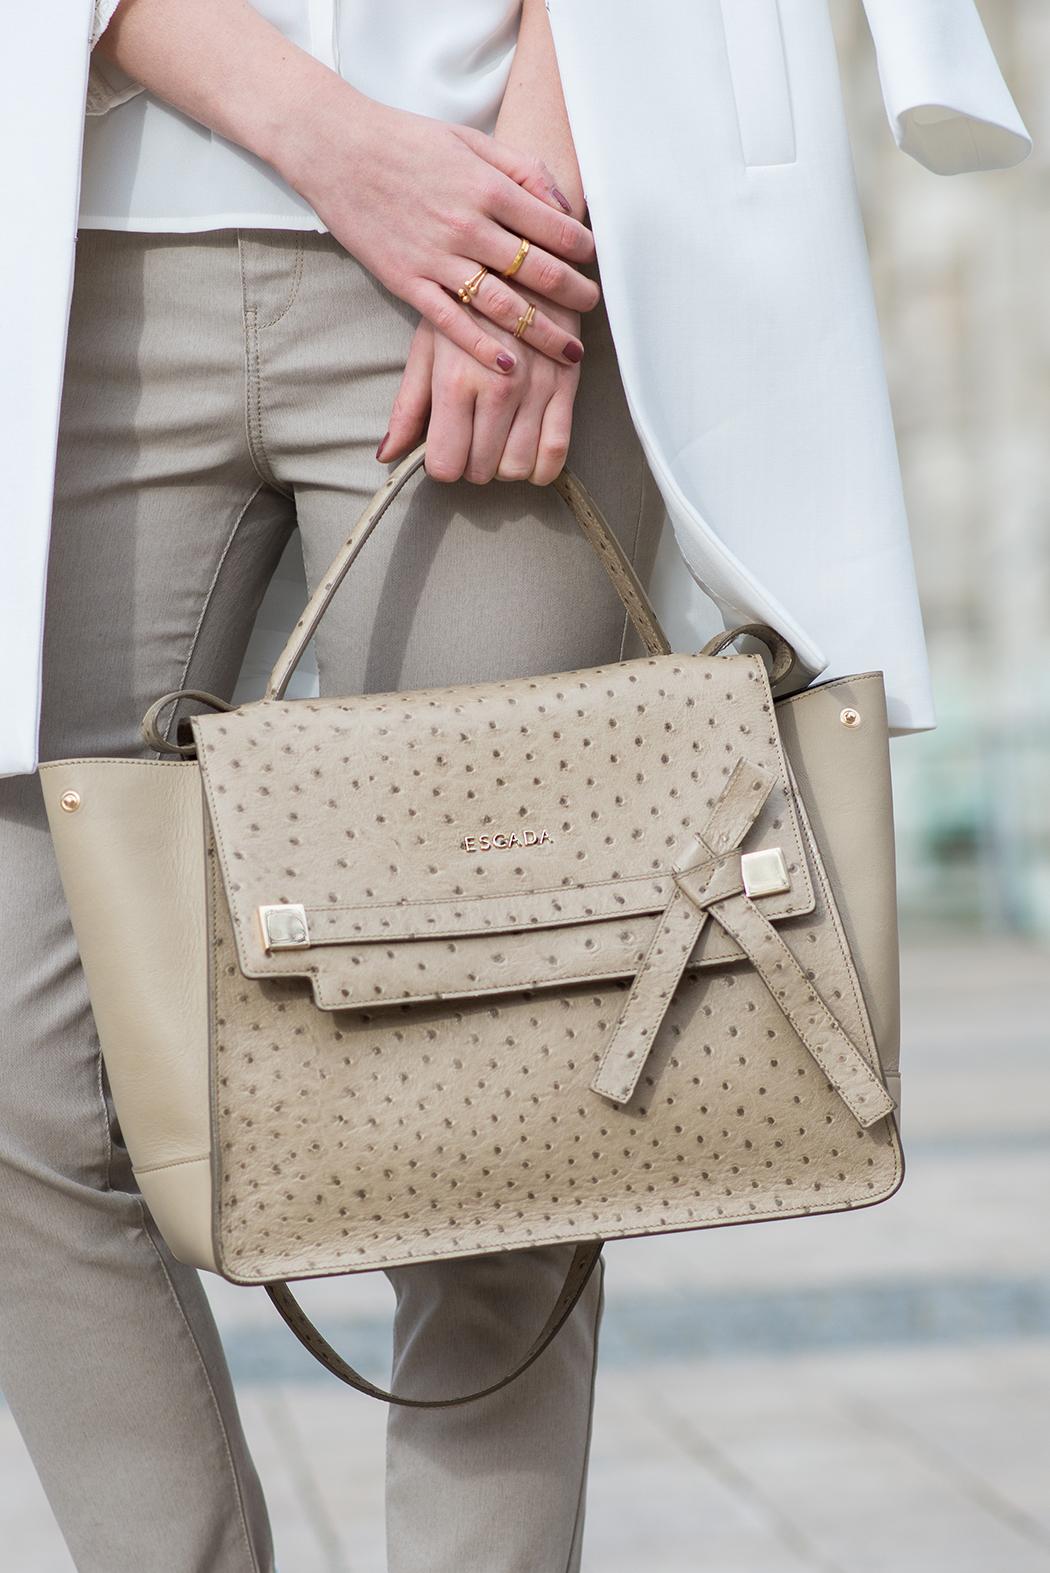 Fashionblog-Fashionblogger-Fashion-Blog-Blogger-Muenchen-Berlin-Escada-Bag-all_white-4-web